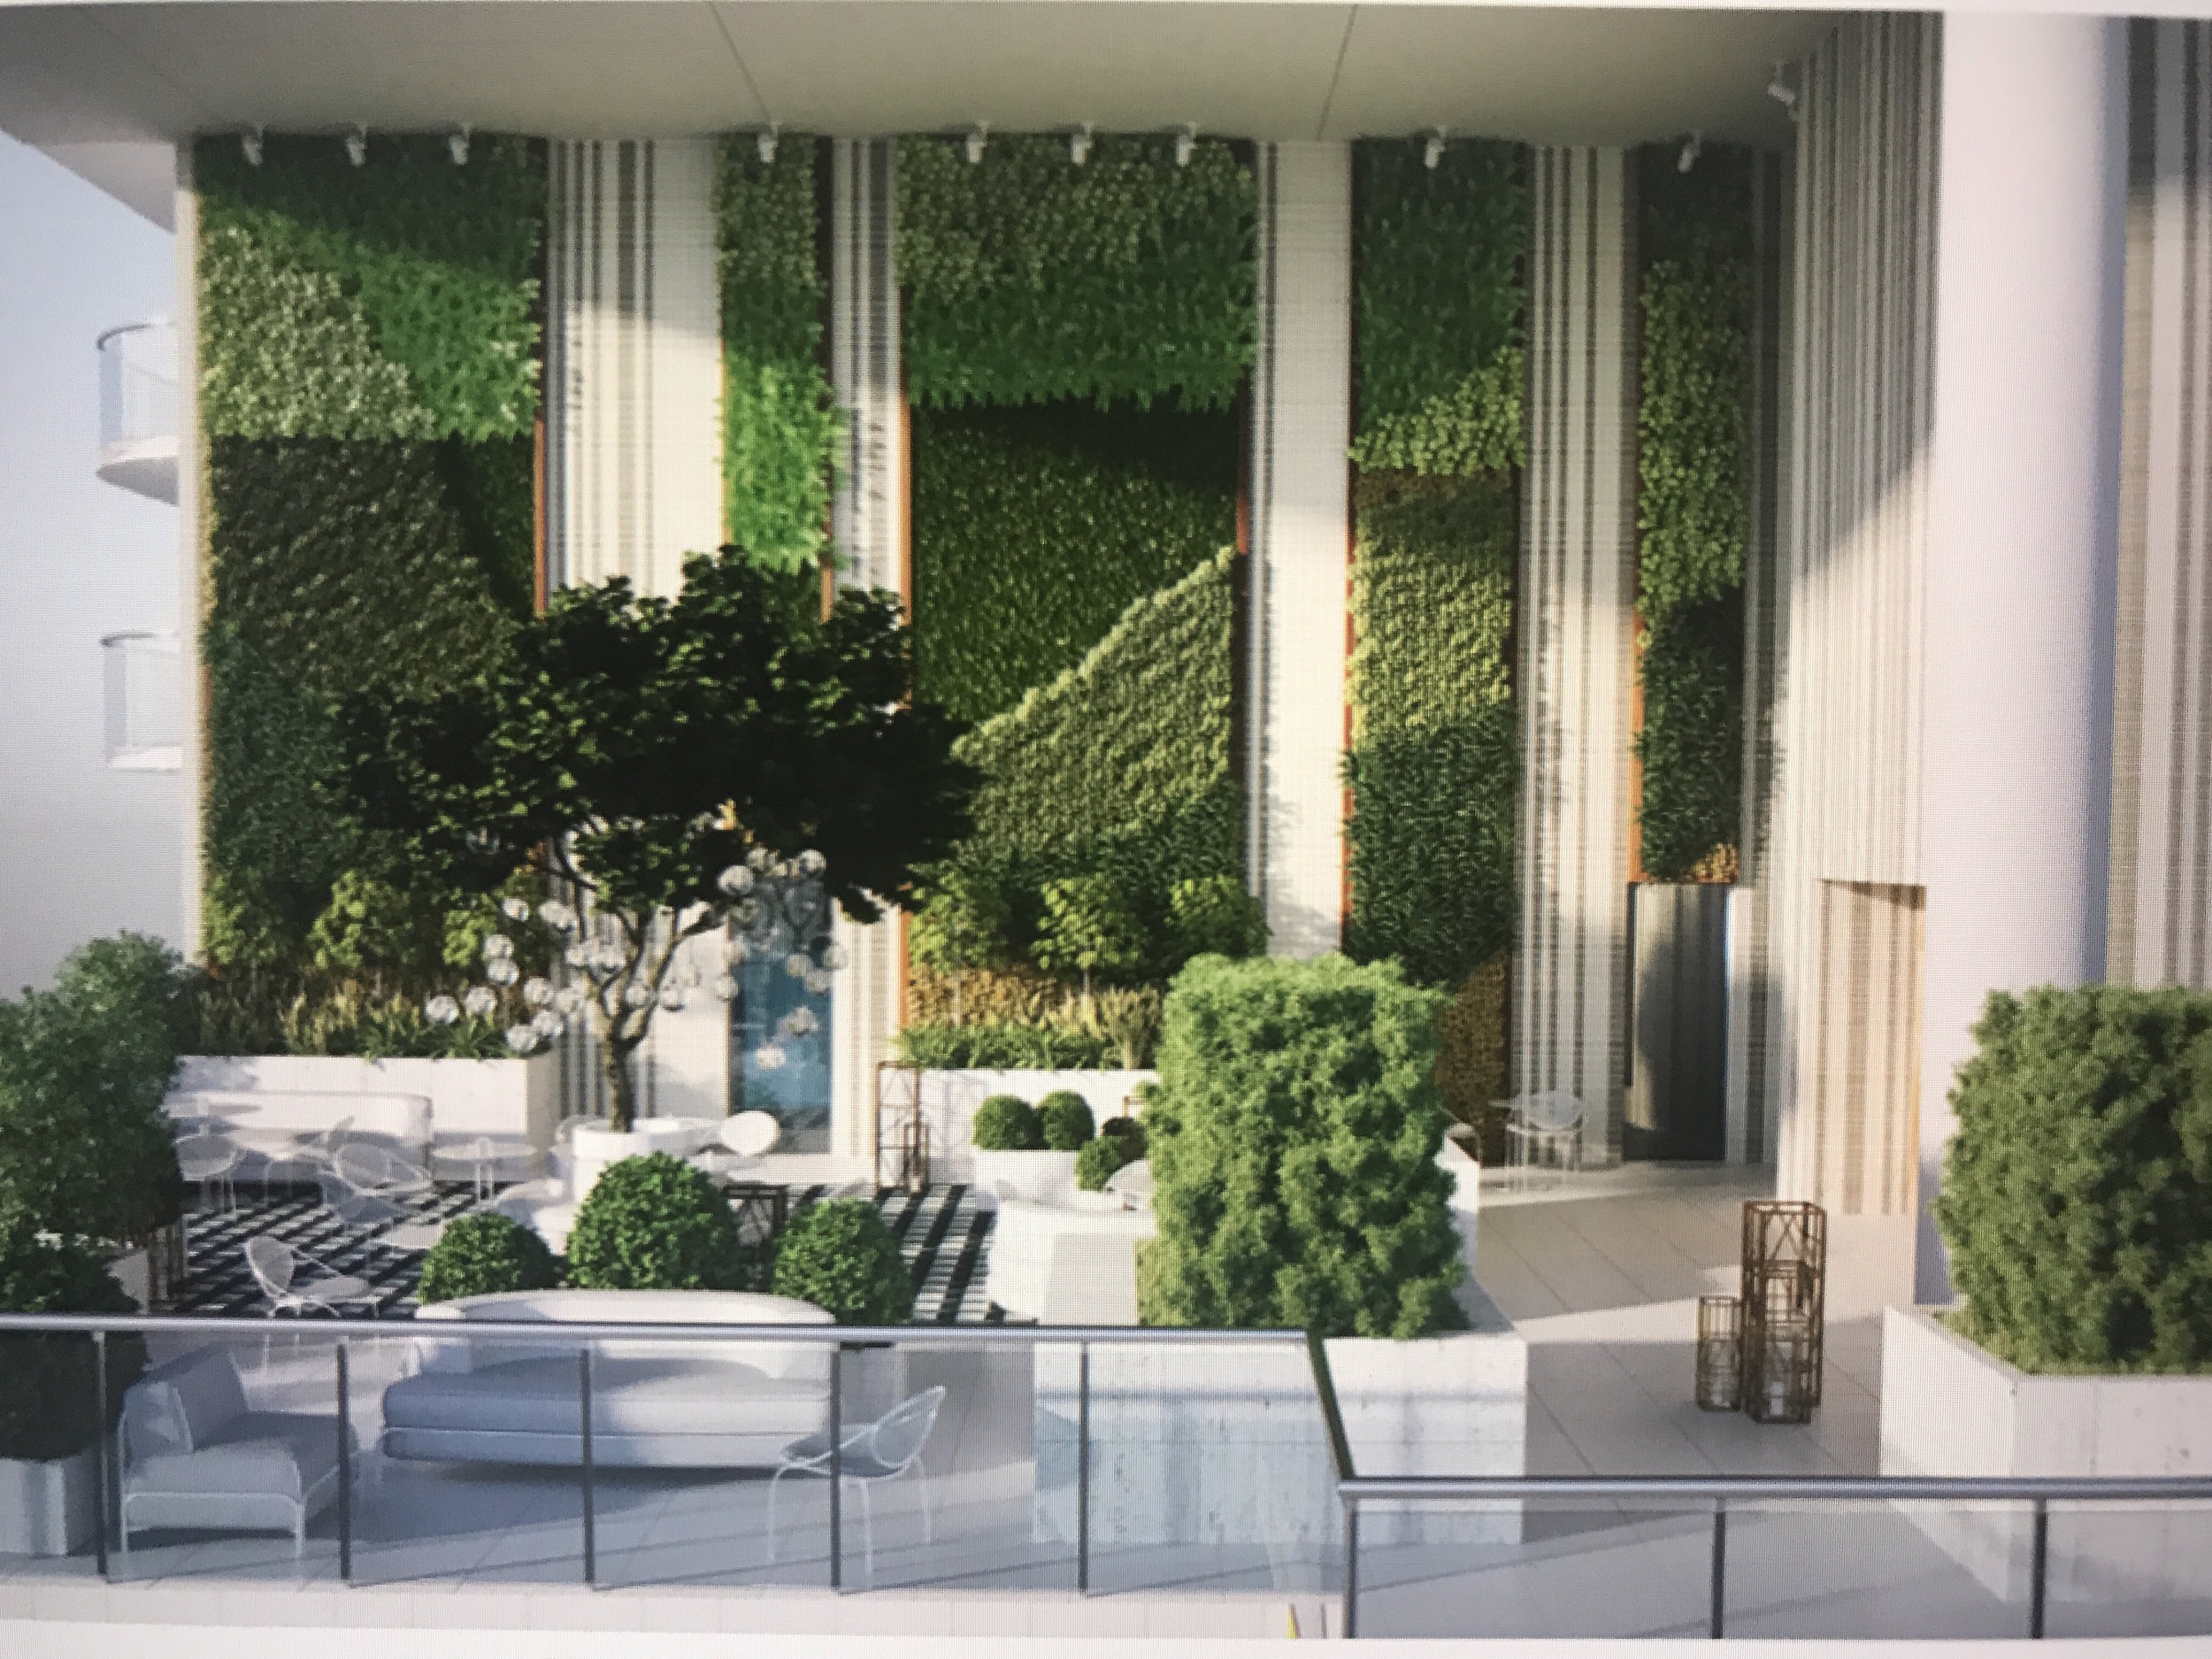 New Renderings of SLS LUX Yabu Pushelberg-Designed Spaces Include Lobby & Katsuya